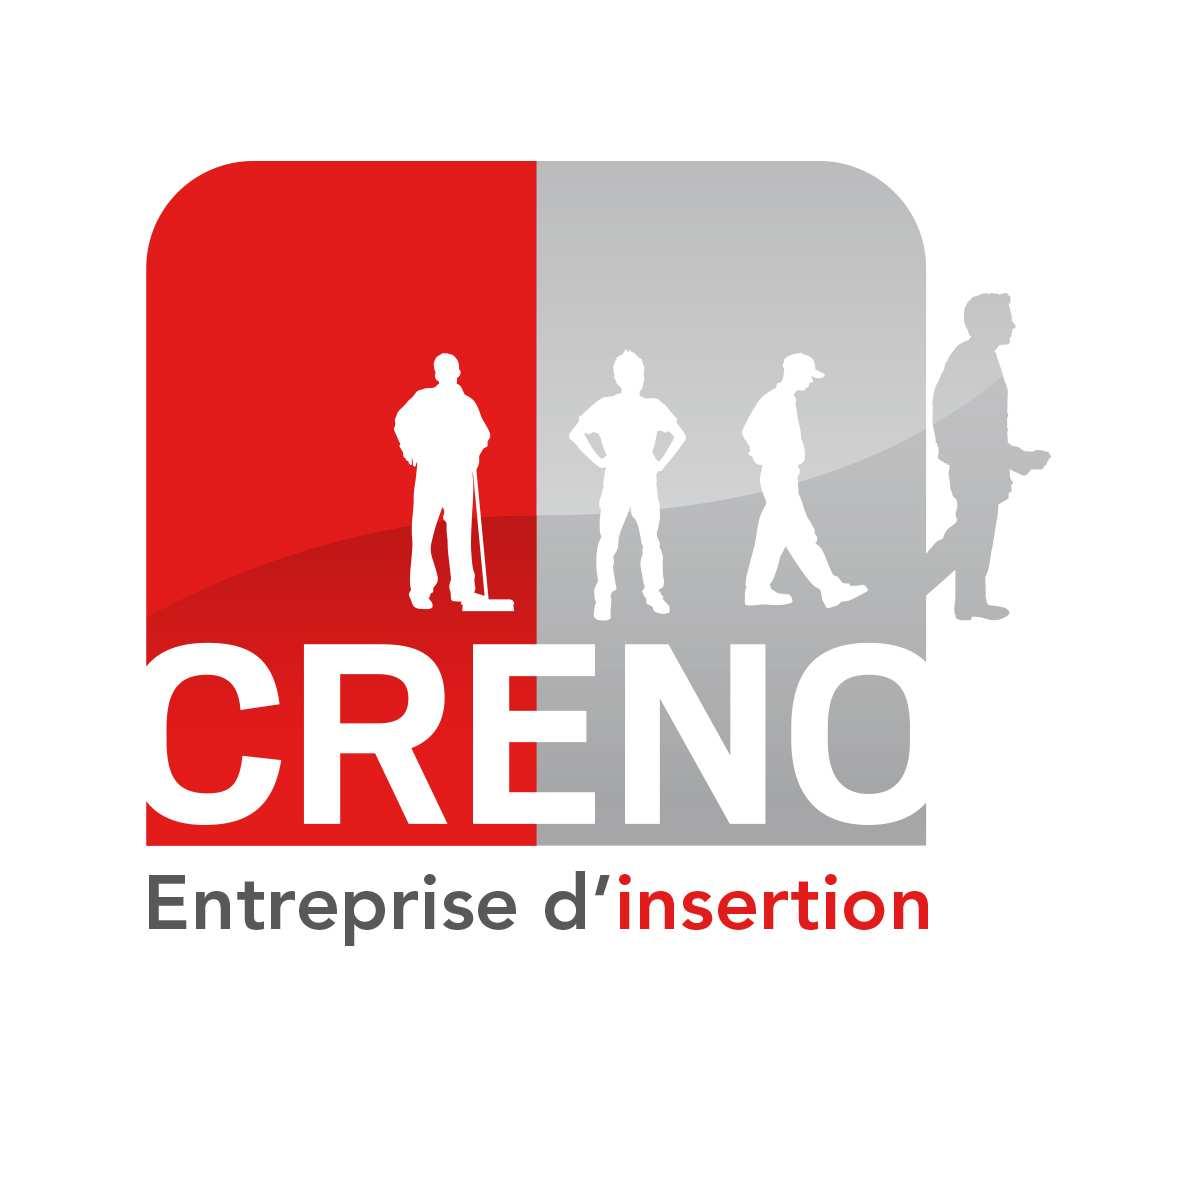 CRENO